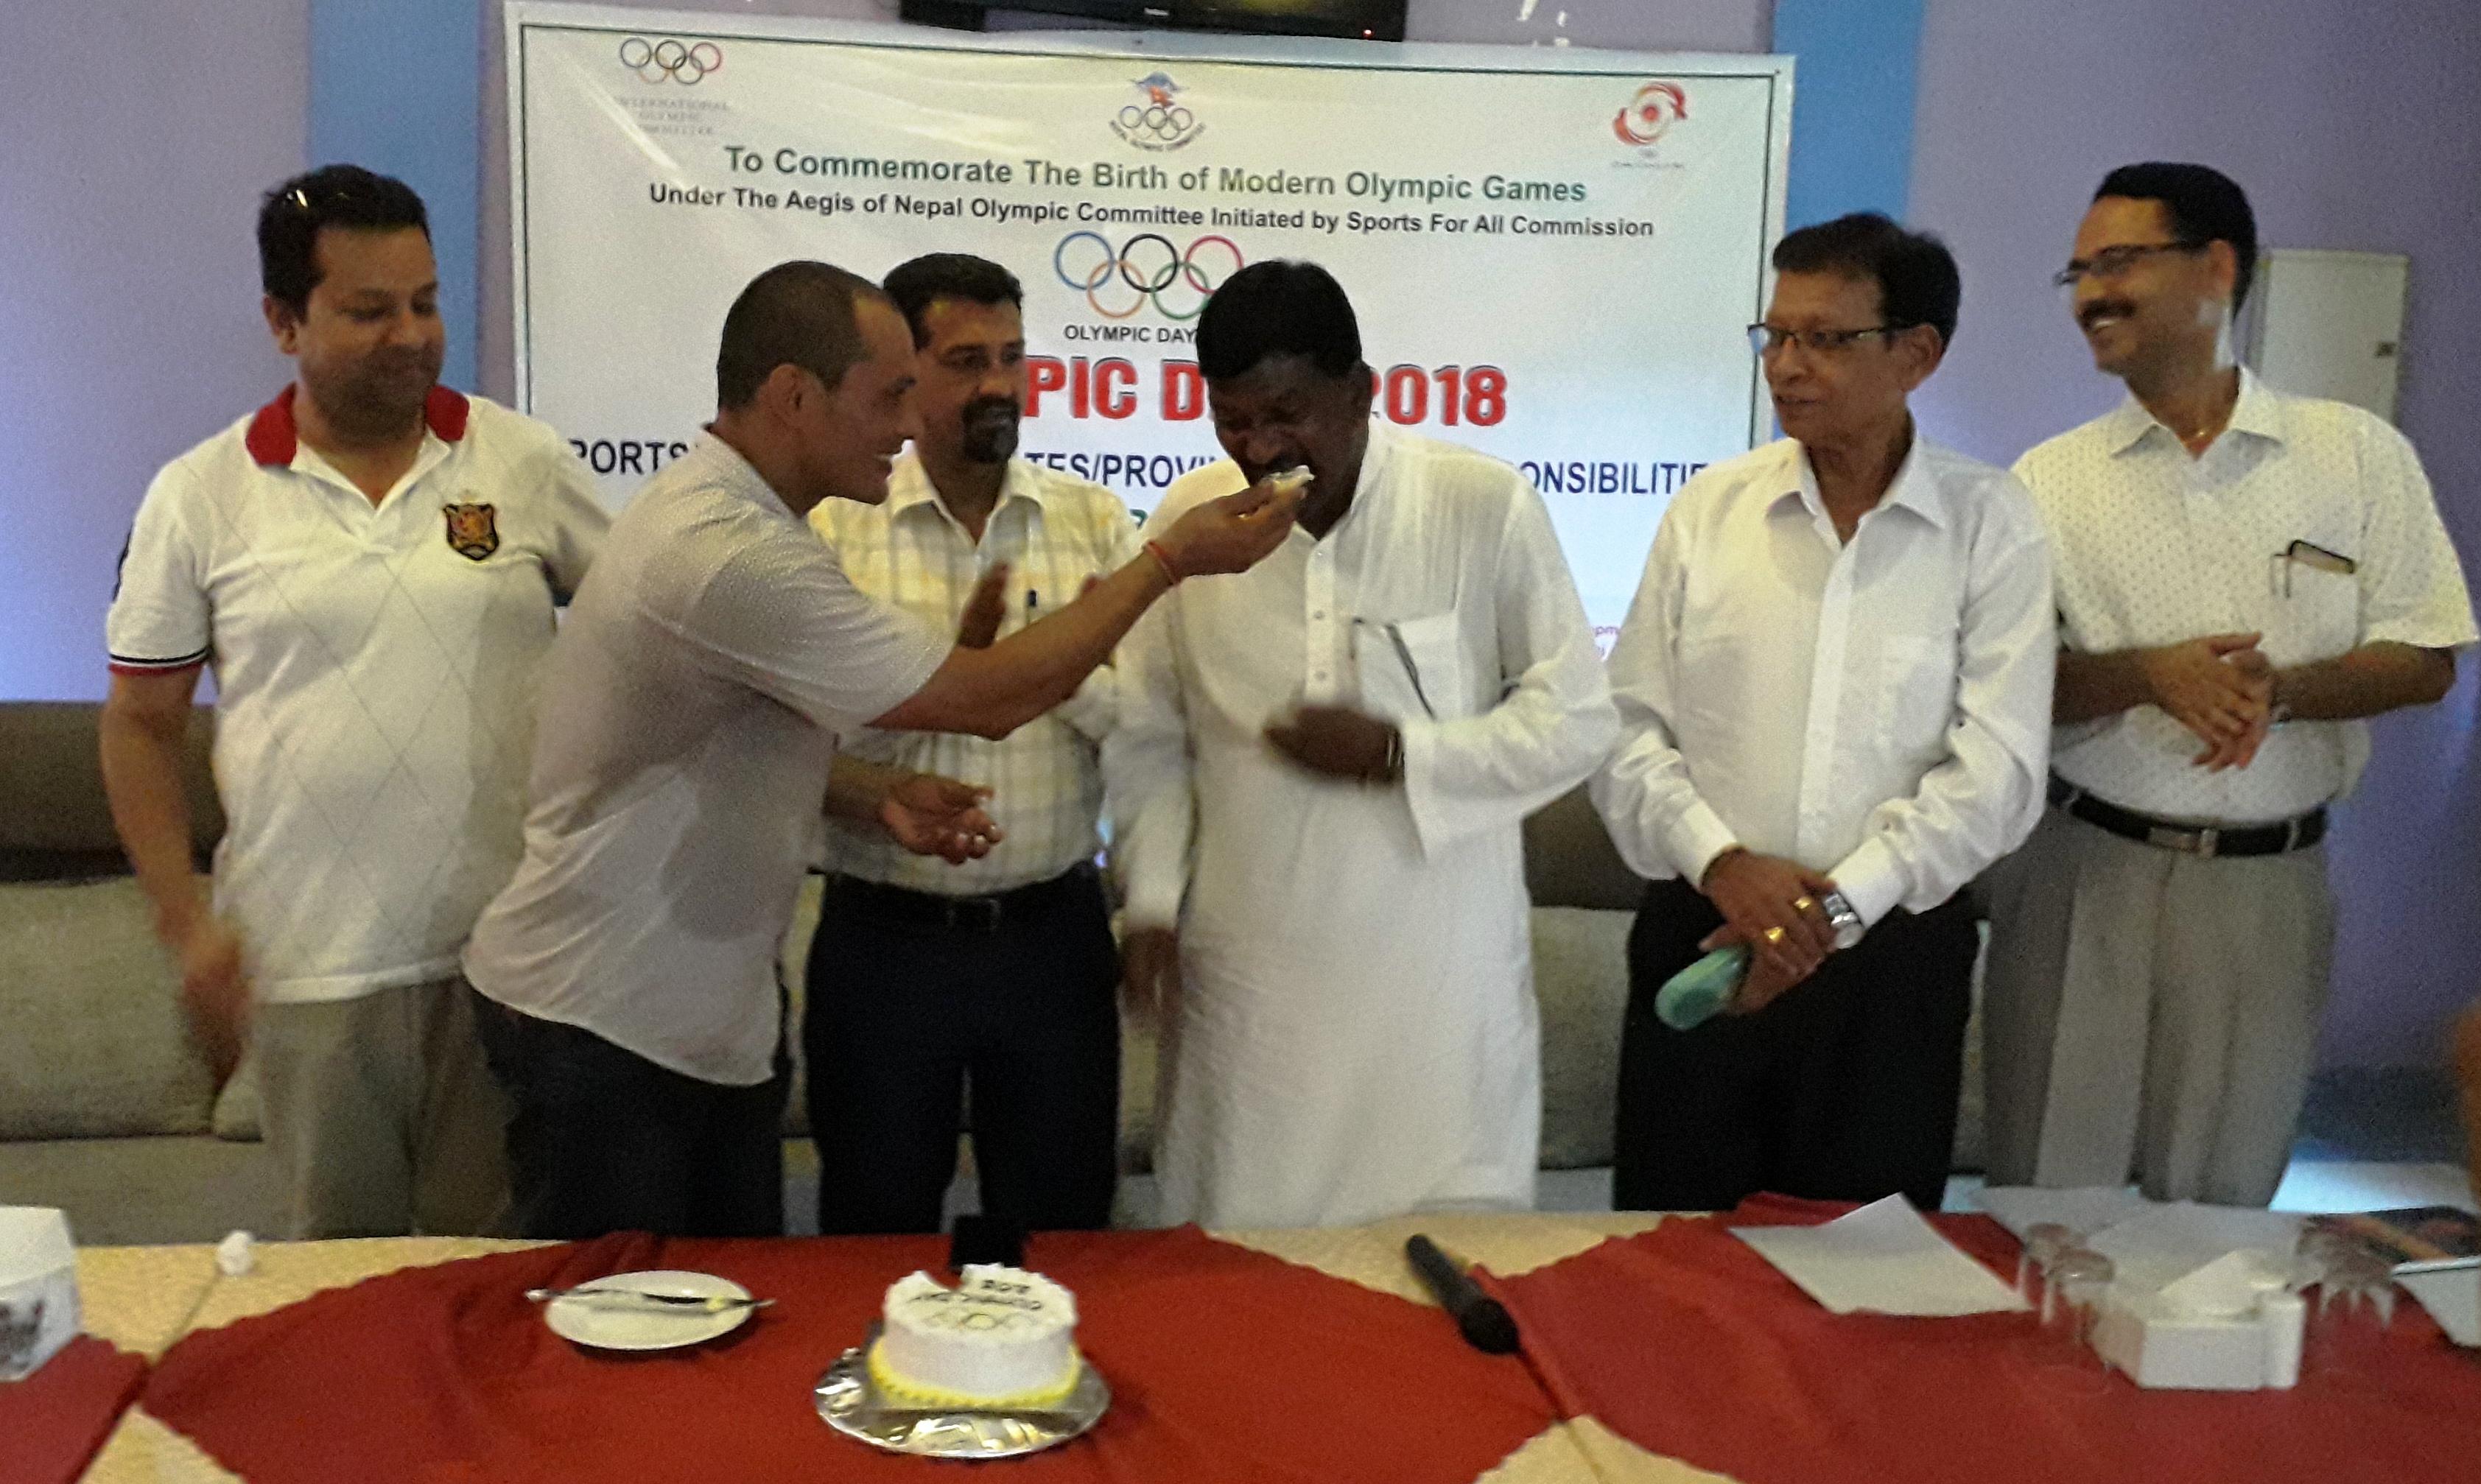 नेपालगन्जमा ओलम्पिक चर्चा, 'केक खाऔं मस्त रमाऔं'